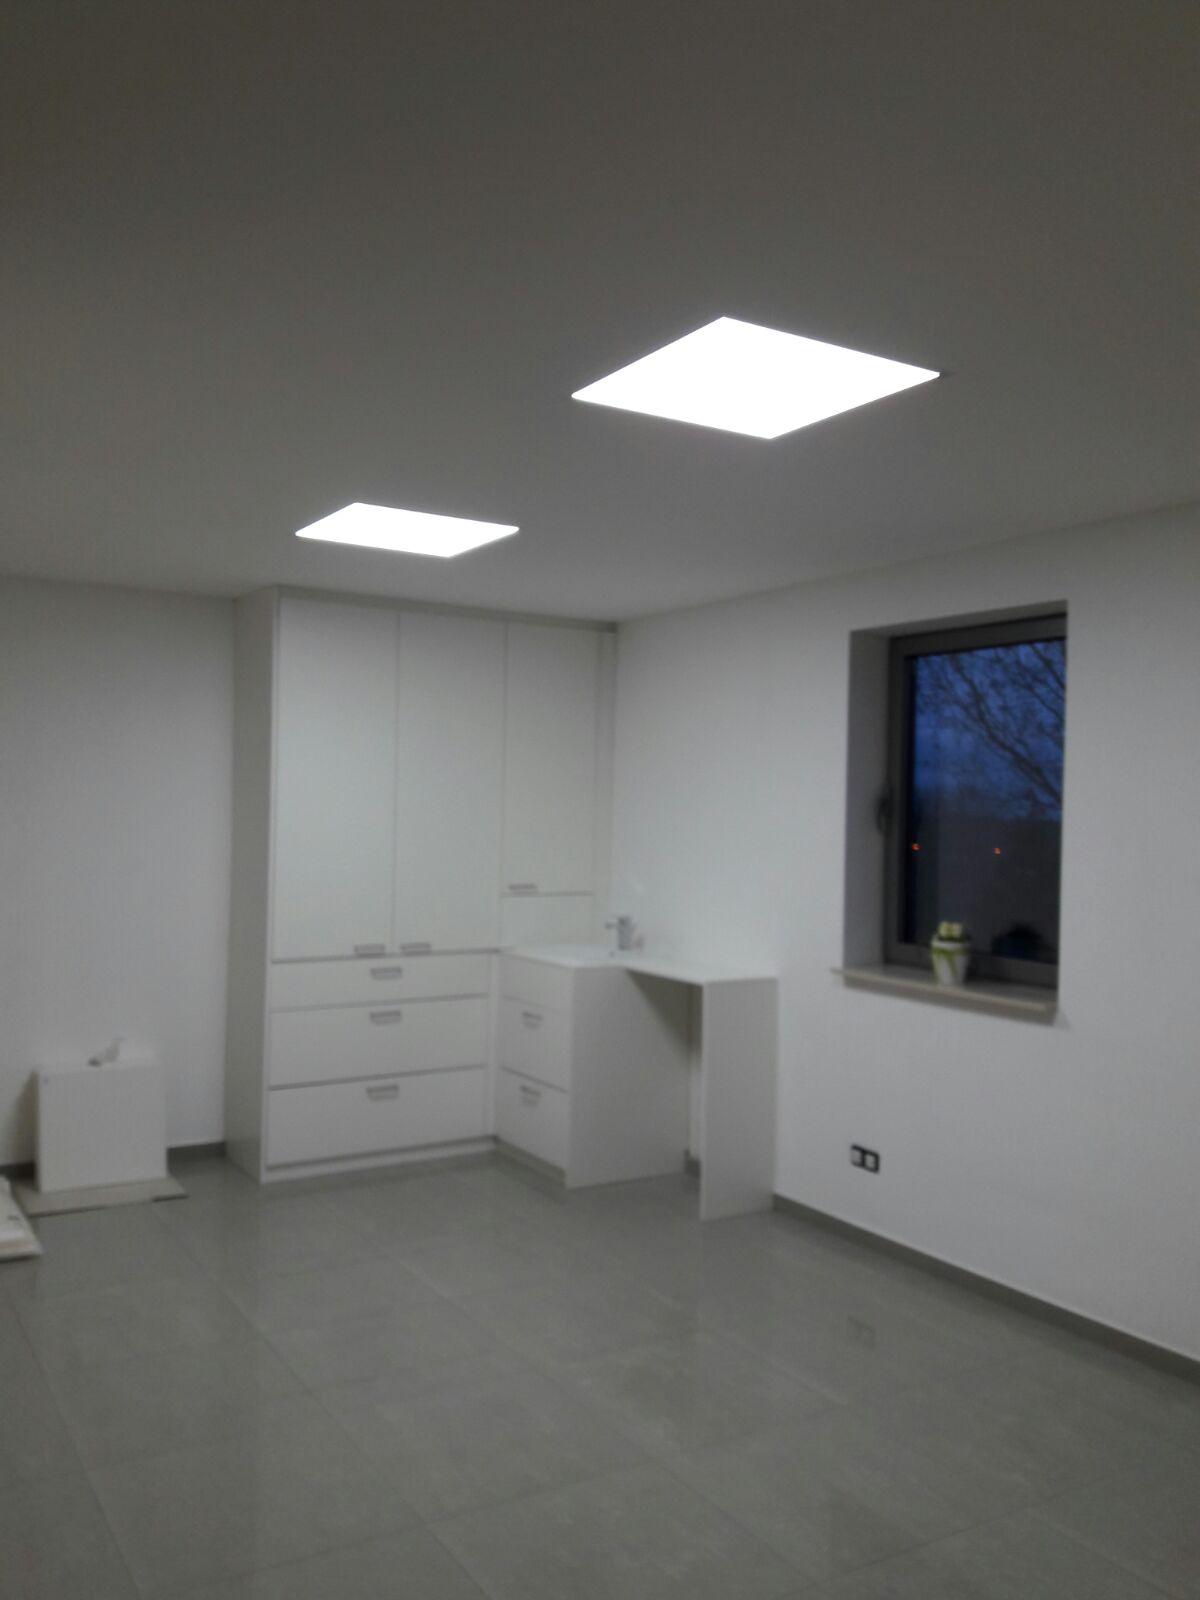 spanplafond werkruimte met ledpanels